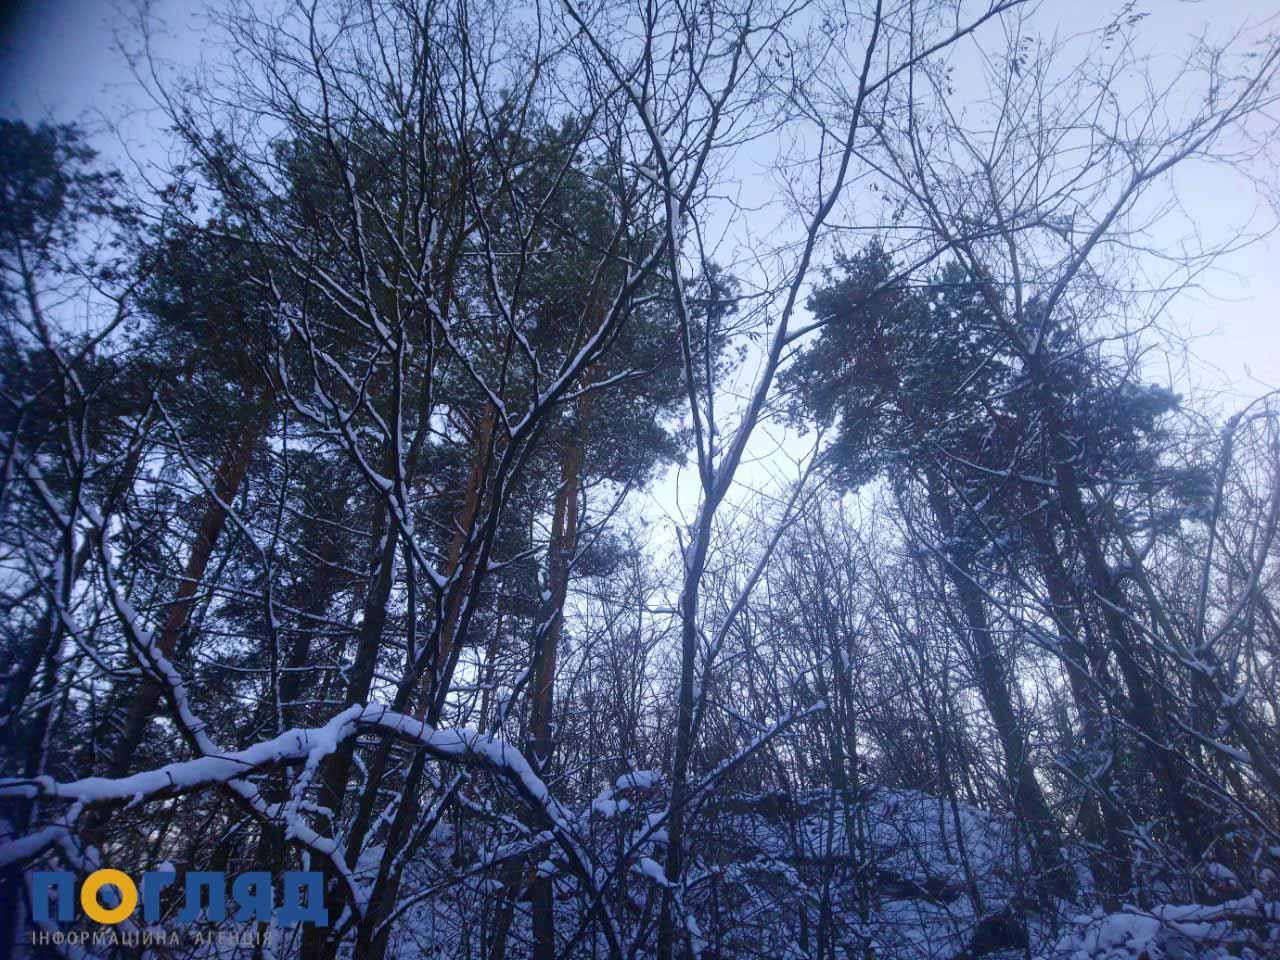 17 лютого на Київщині буде морозно - прогноз погоди, погода, морози, Мороз - photo5269702741234659867